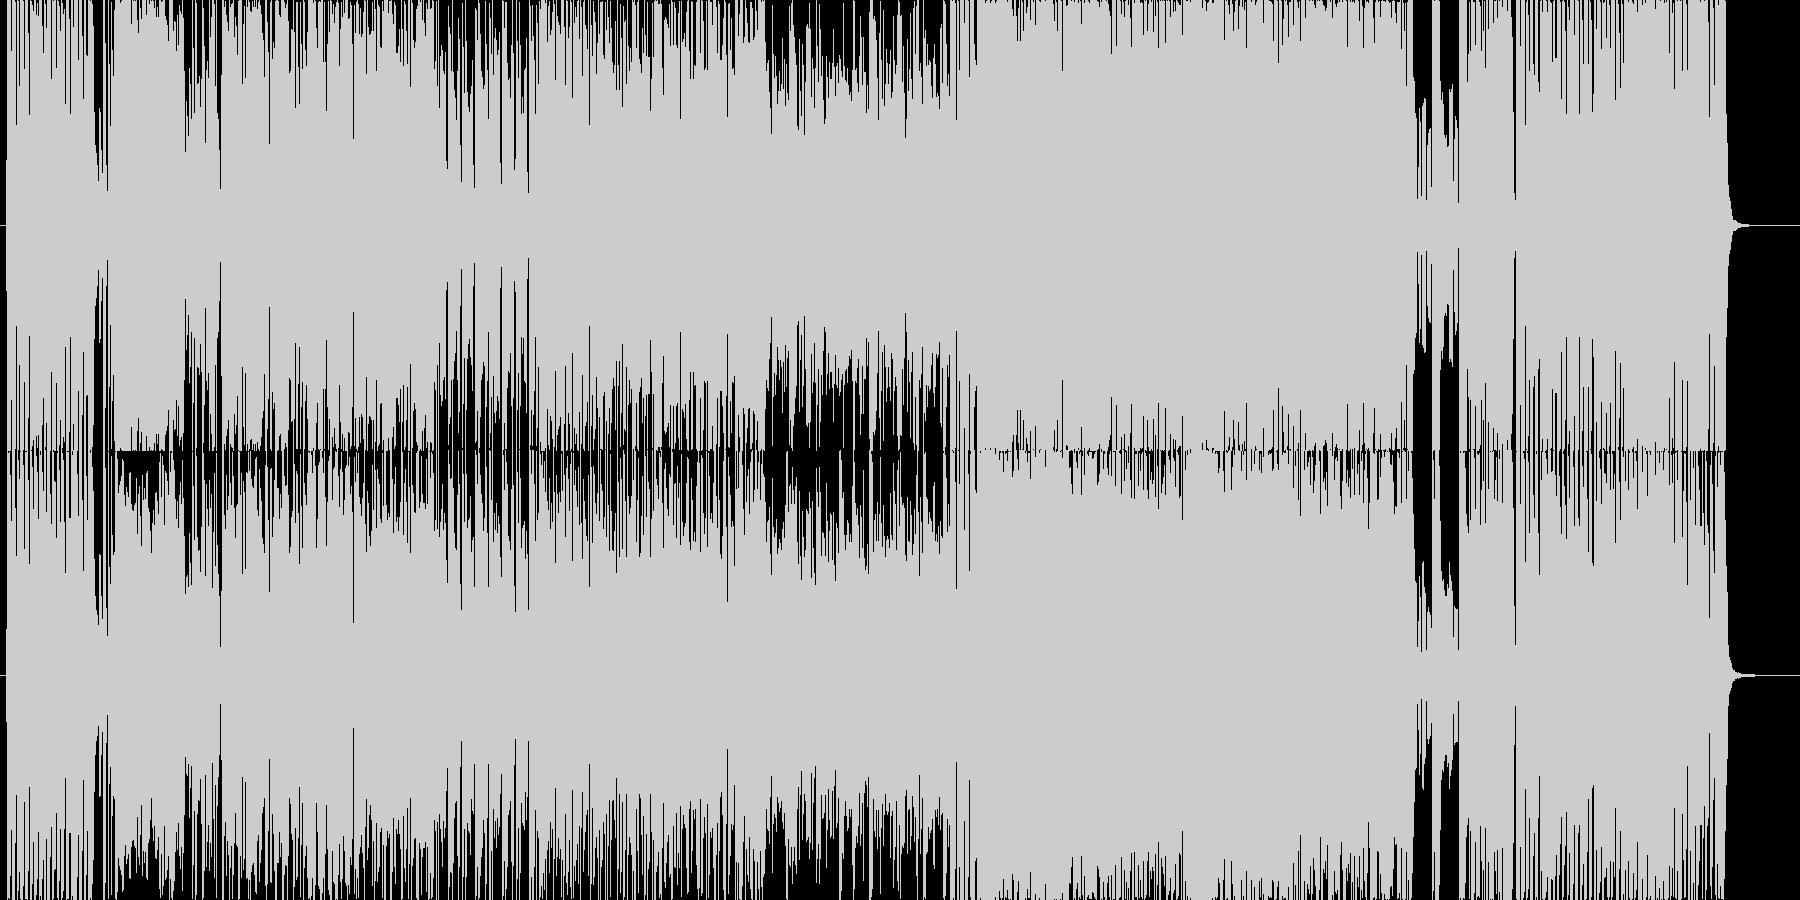 ブラスメインのおしゃれで疾走感のある曲の未再生の波形